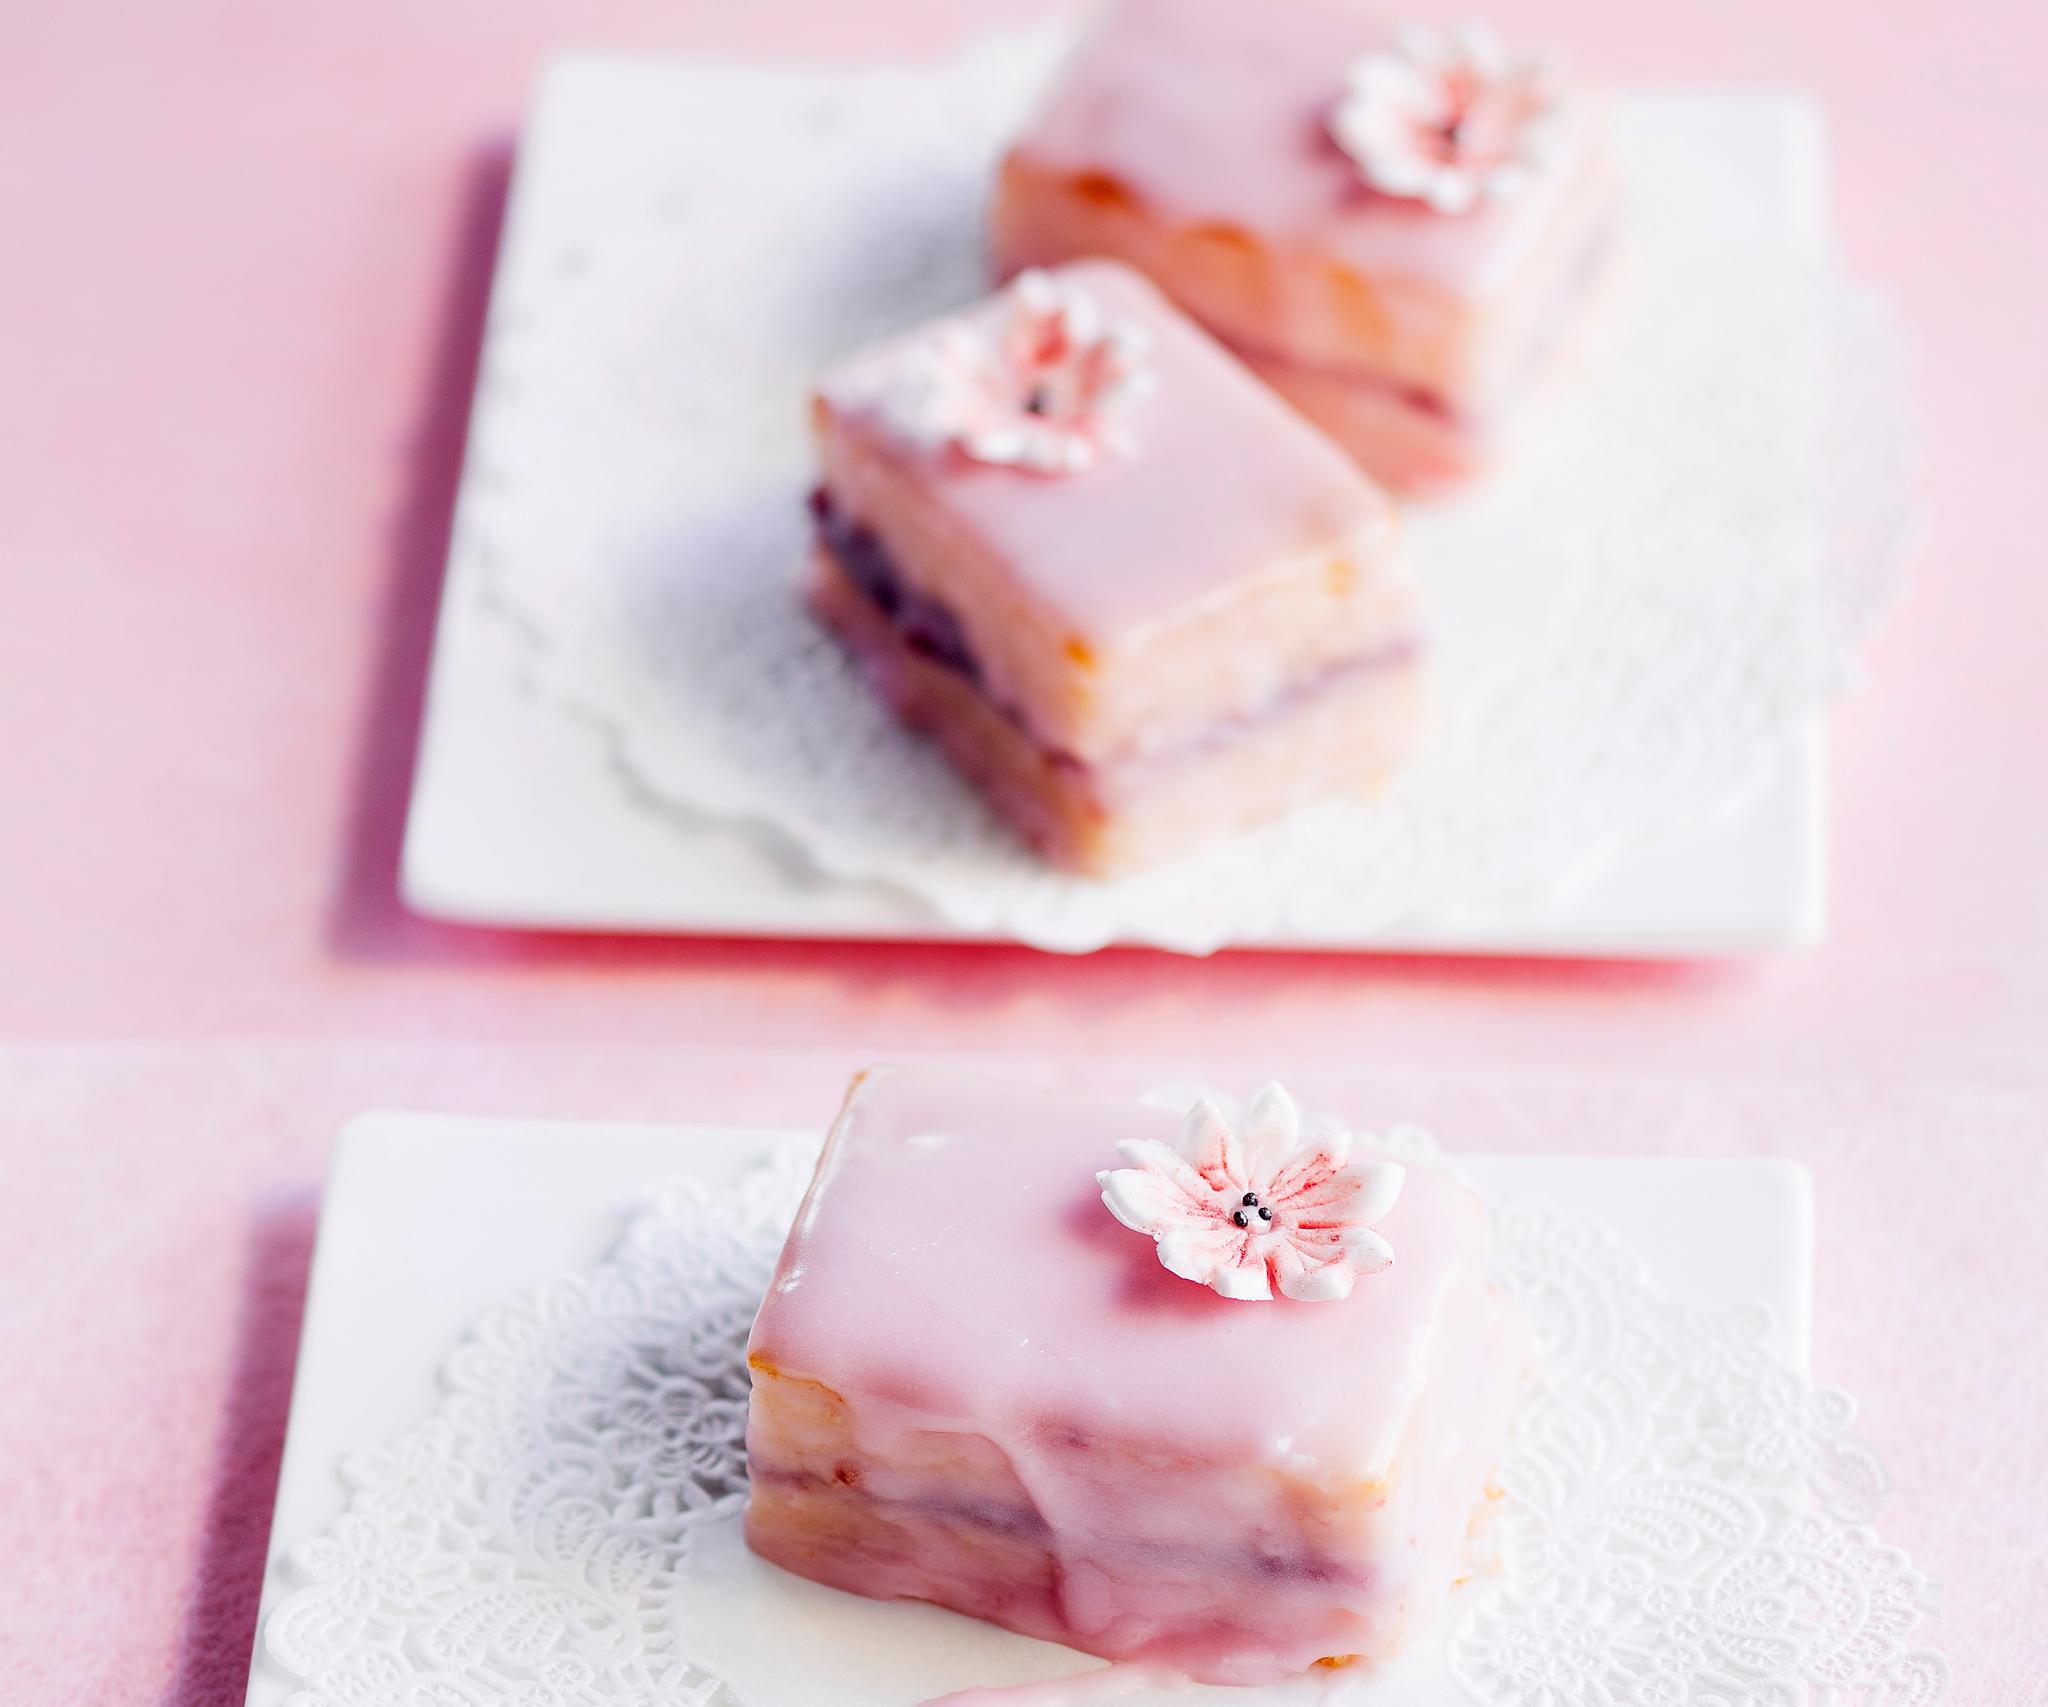 Vaaleanpunaiset leivokset